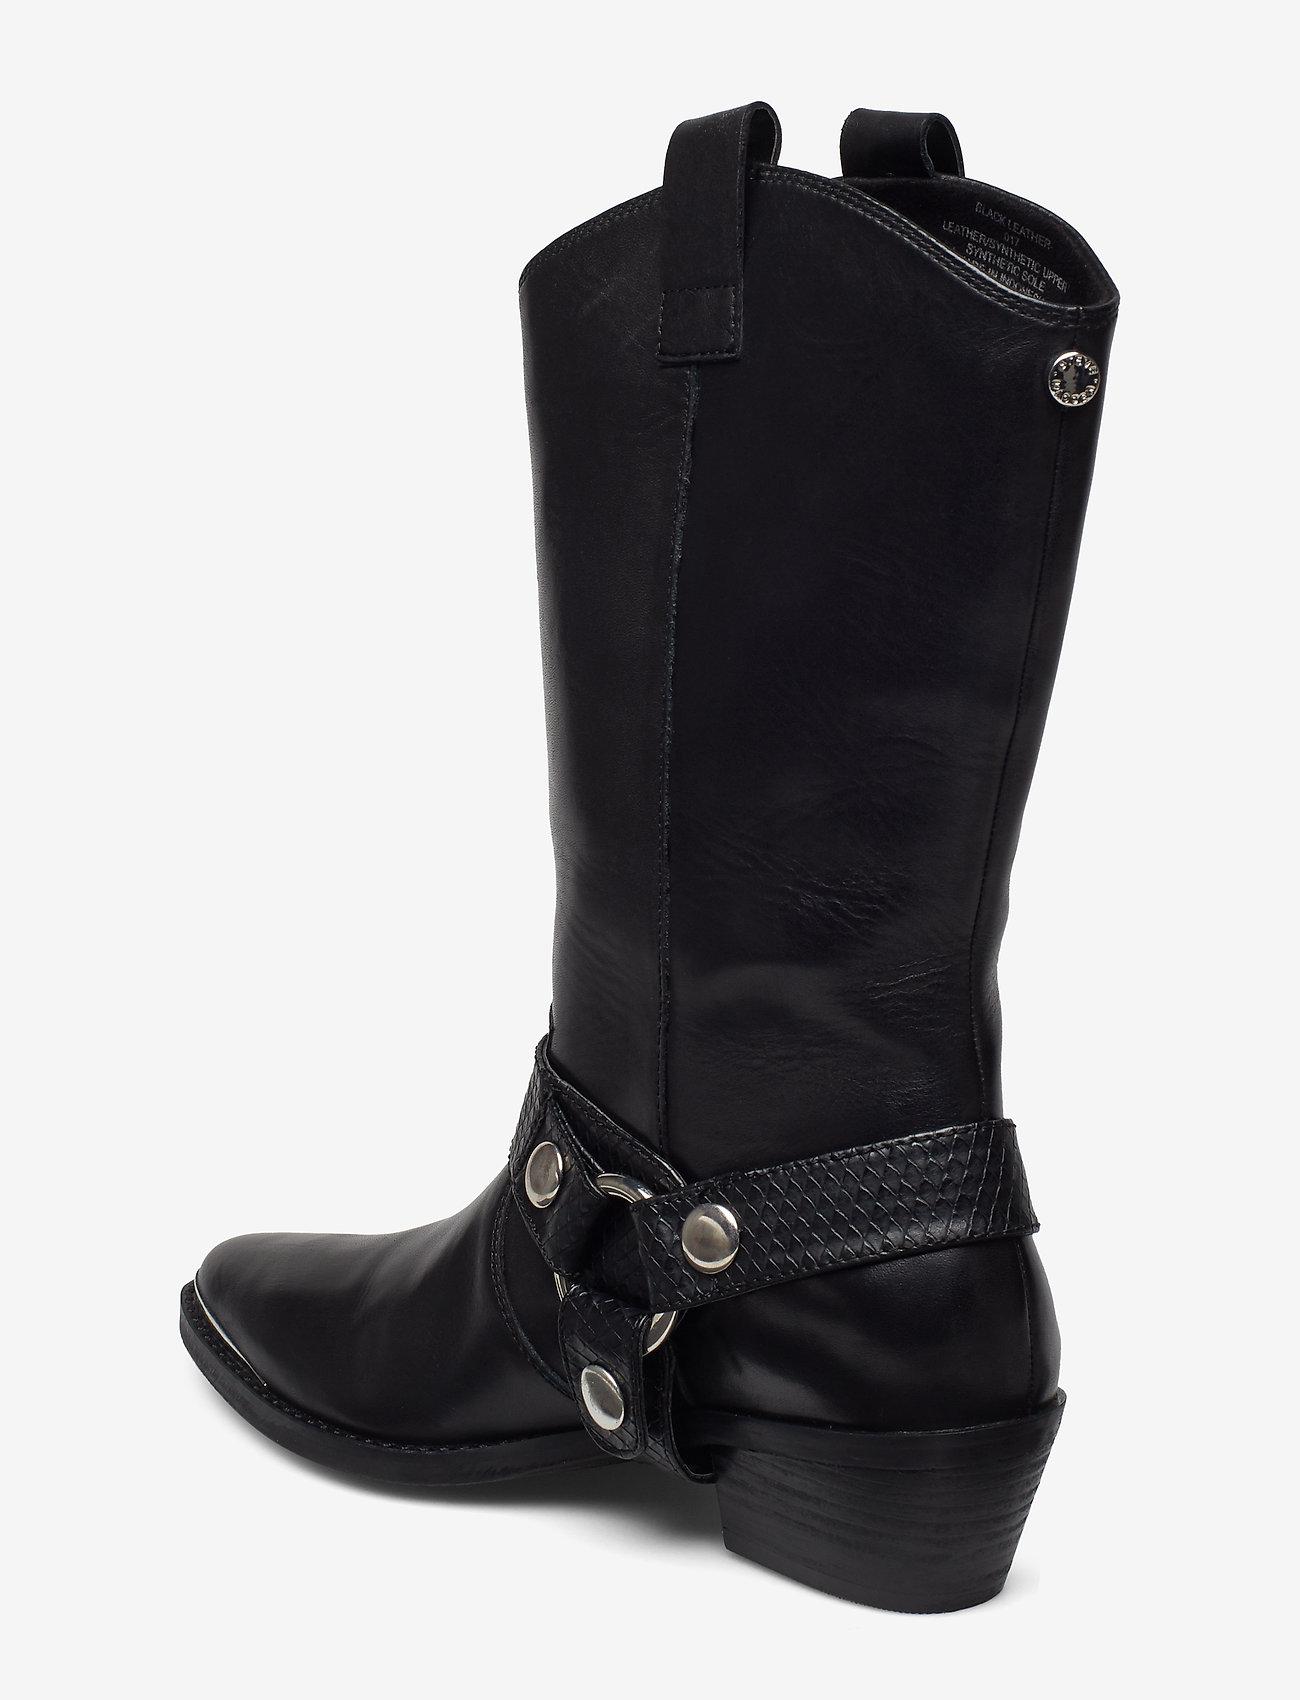 Galler Boot (Black Leather) - Steve Madden